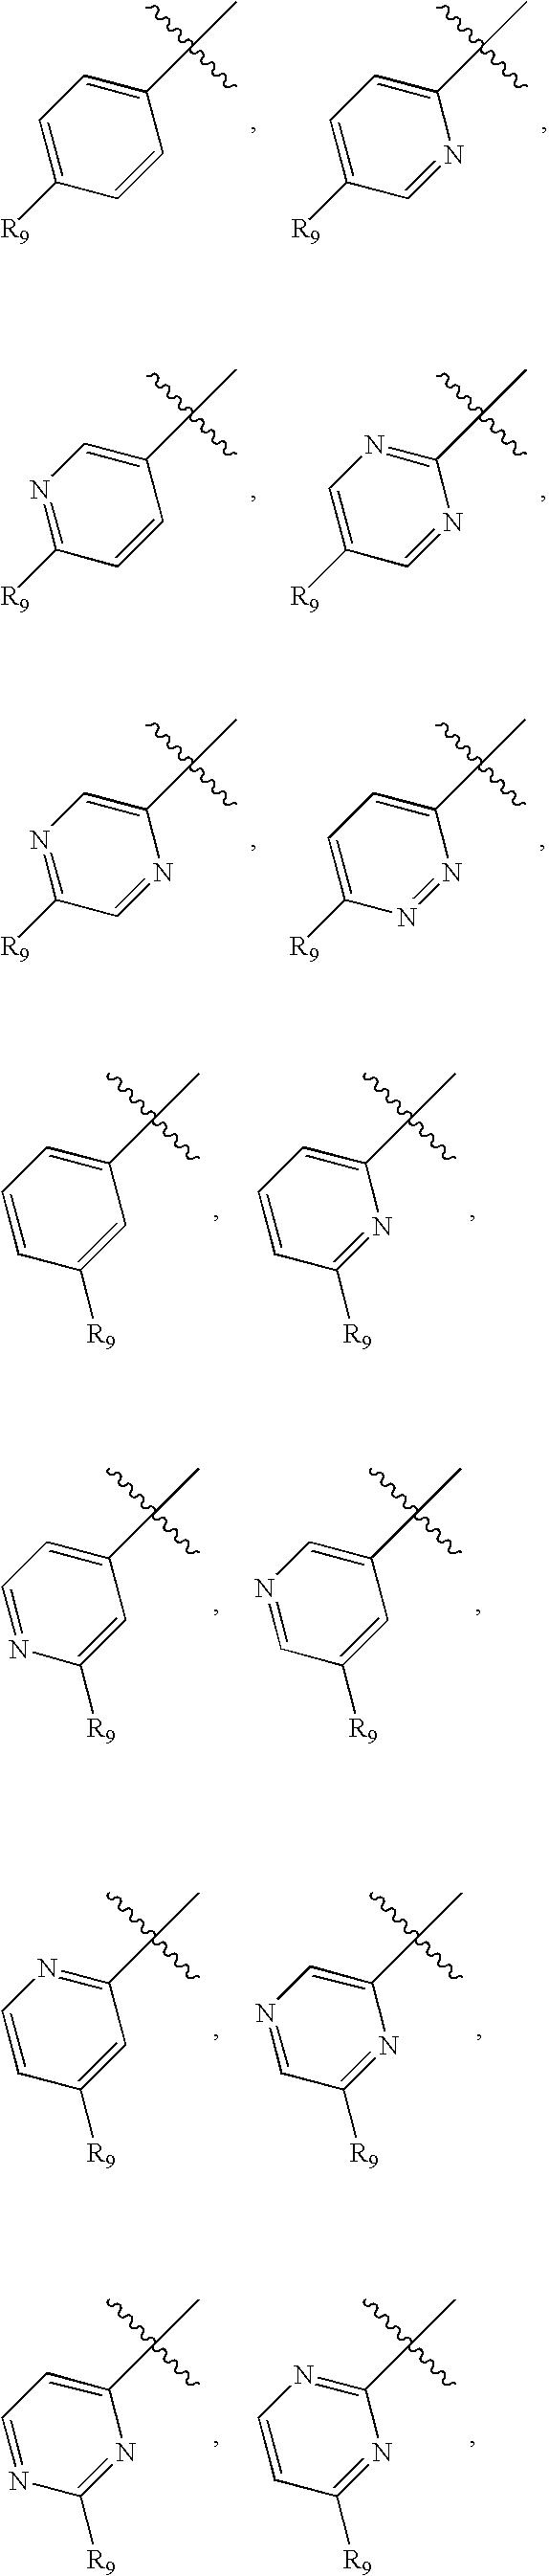 Figure US07935702-20110503-C00005